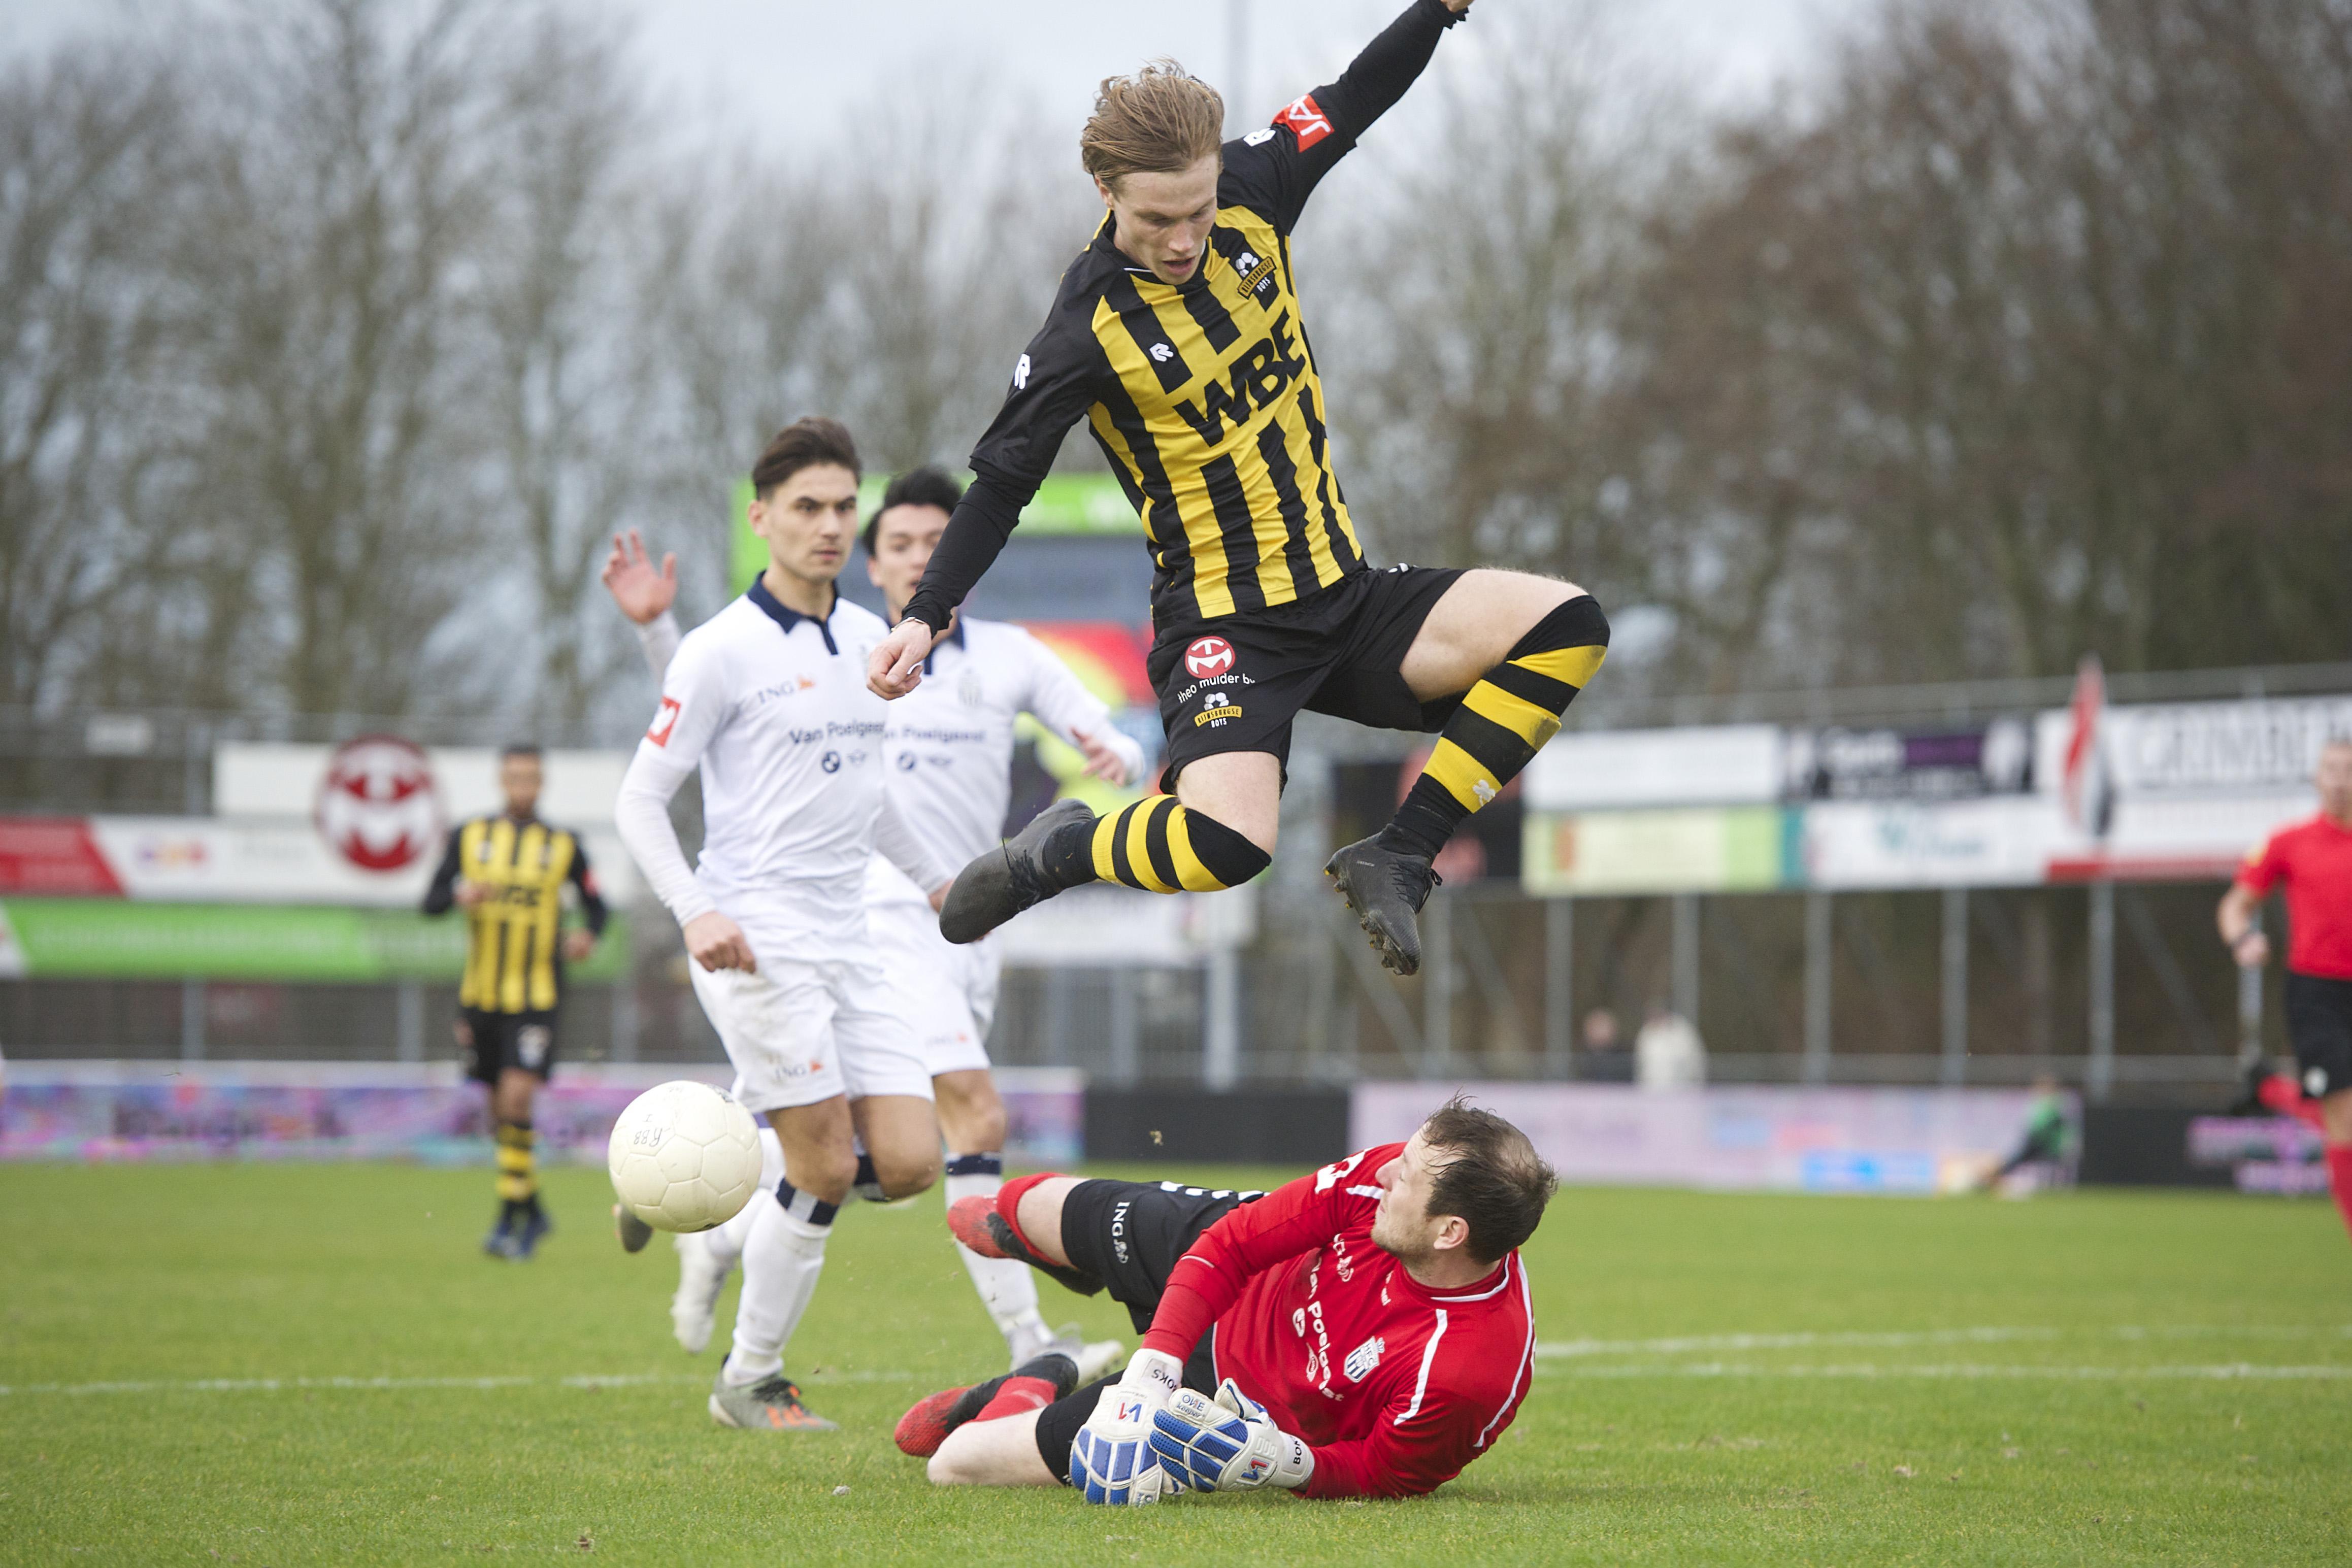 Rijnsburgse Boys breekt de ban met unieke overwinning op Koninklijke HFC